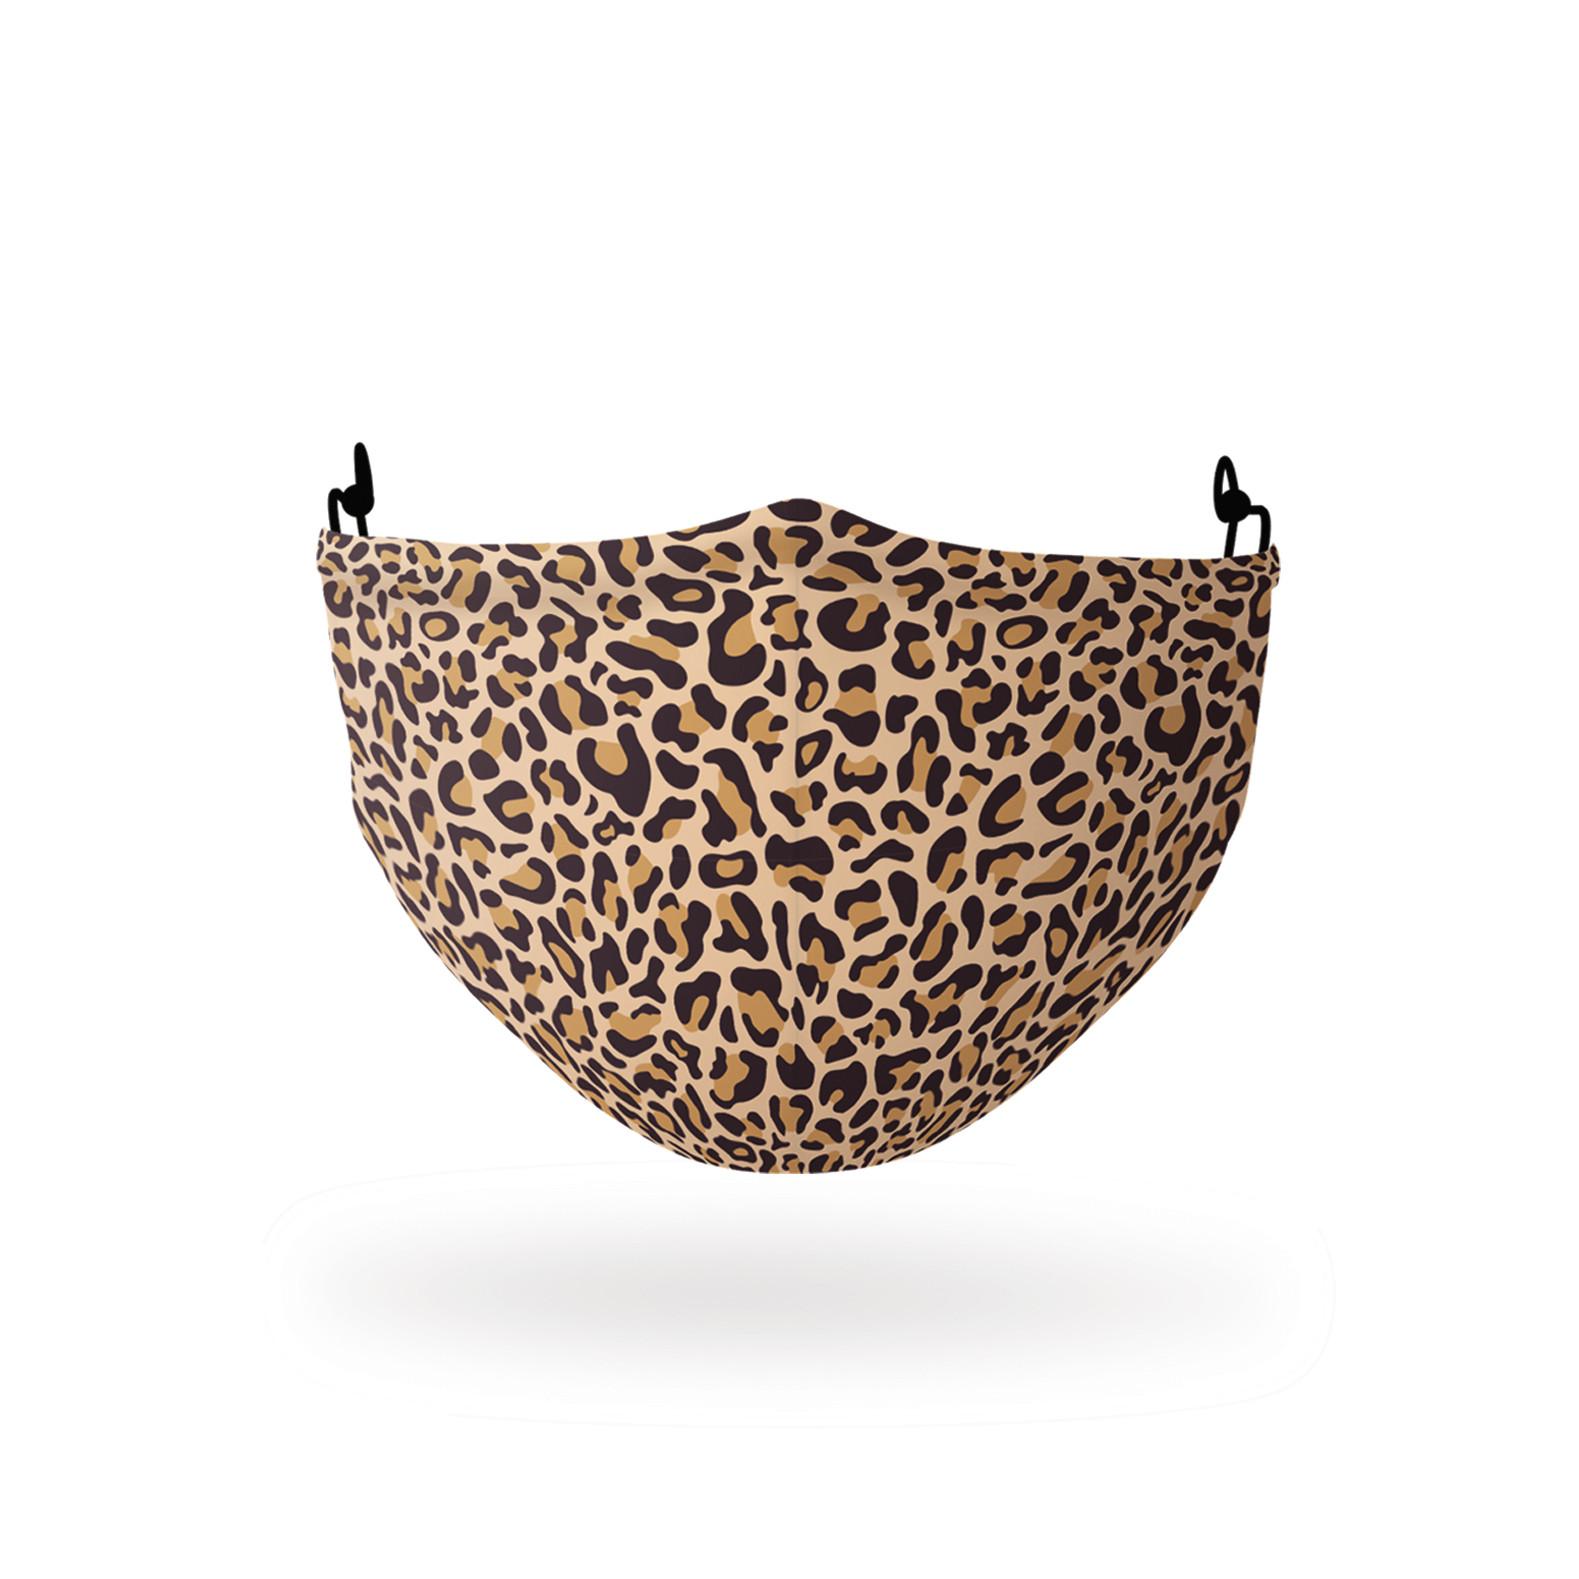 Gesichtsmaske | Polyester | Leopard